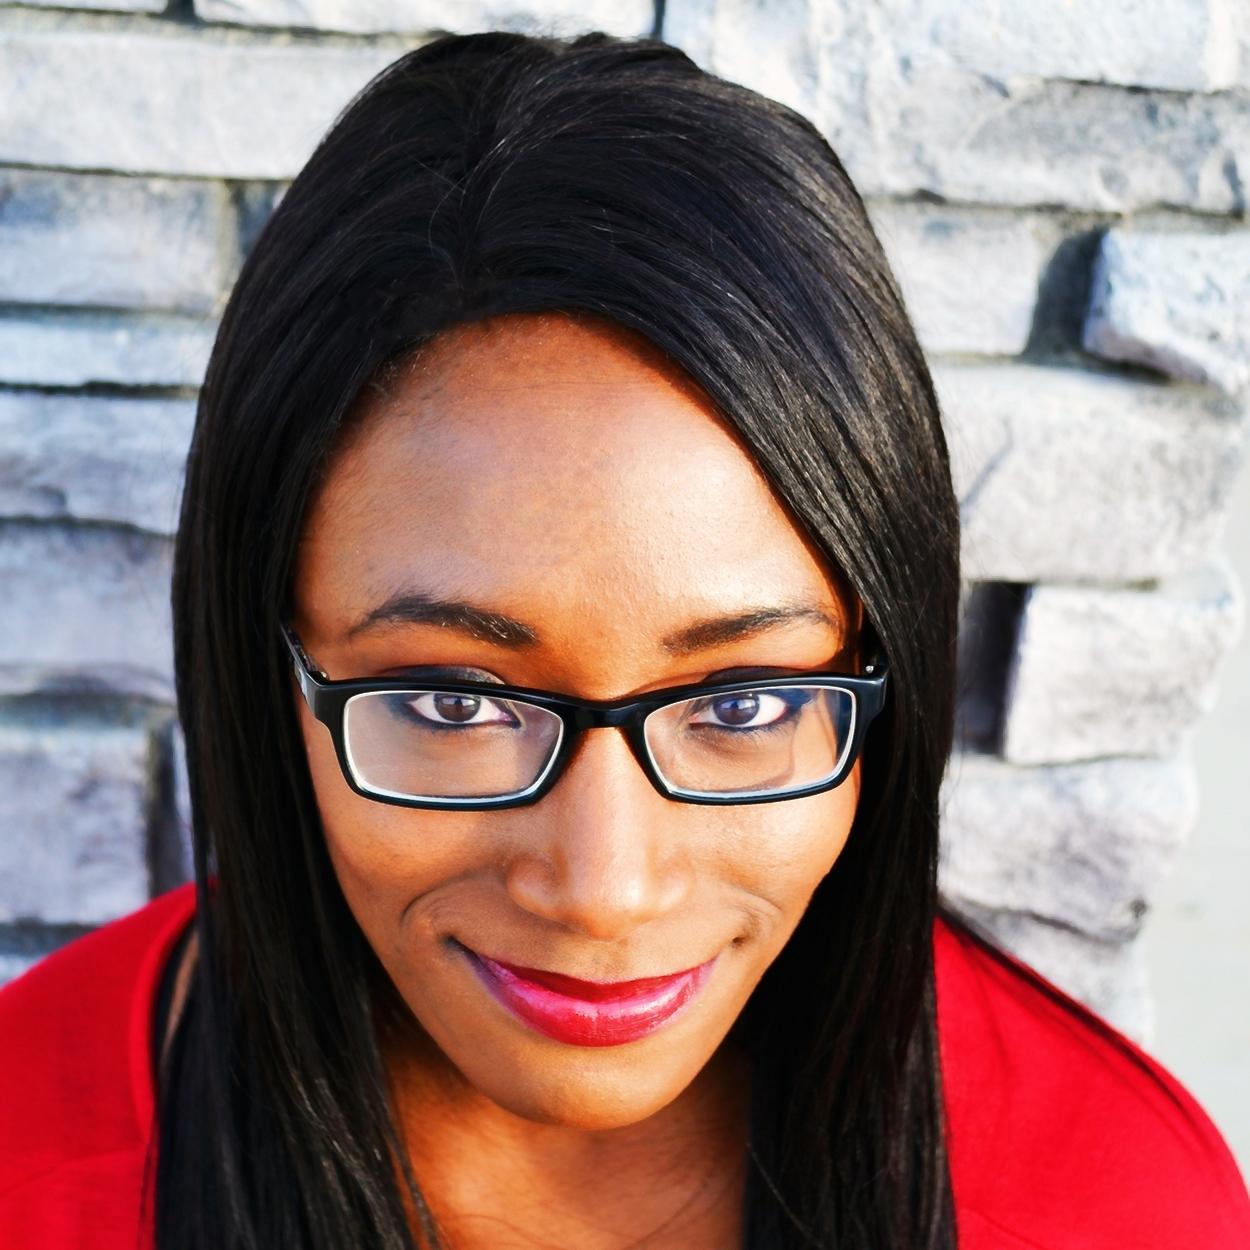 Mikaela Everett